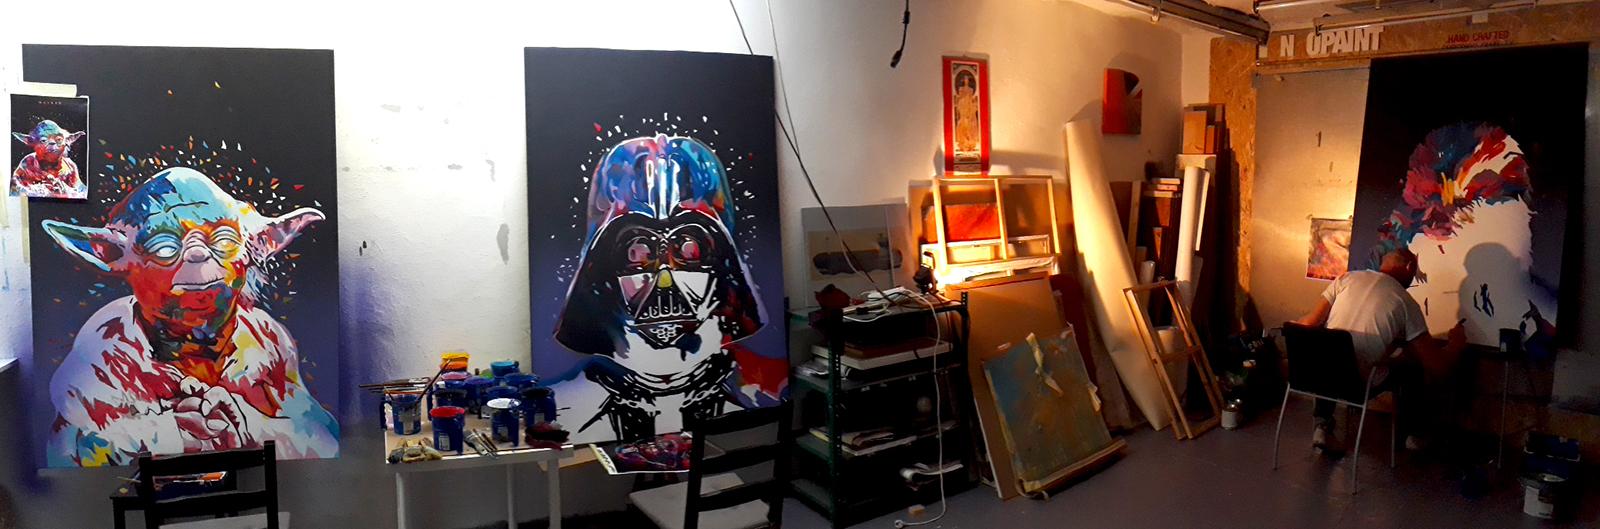 star warz festmények - neopaint works